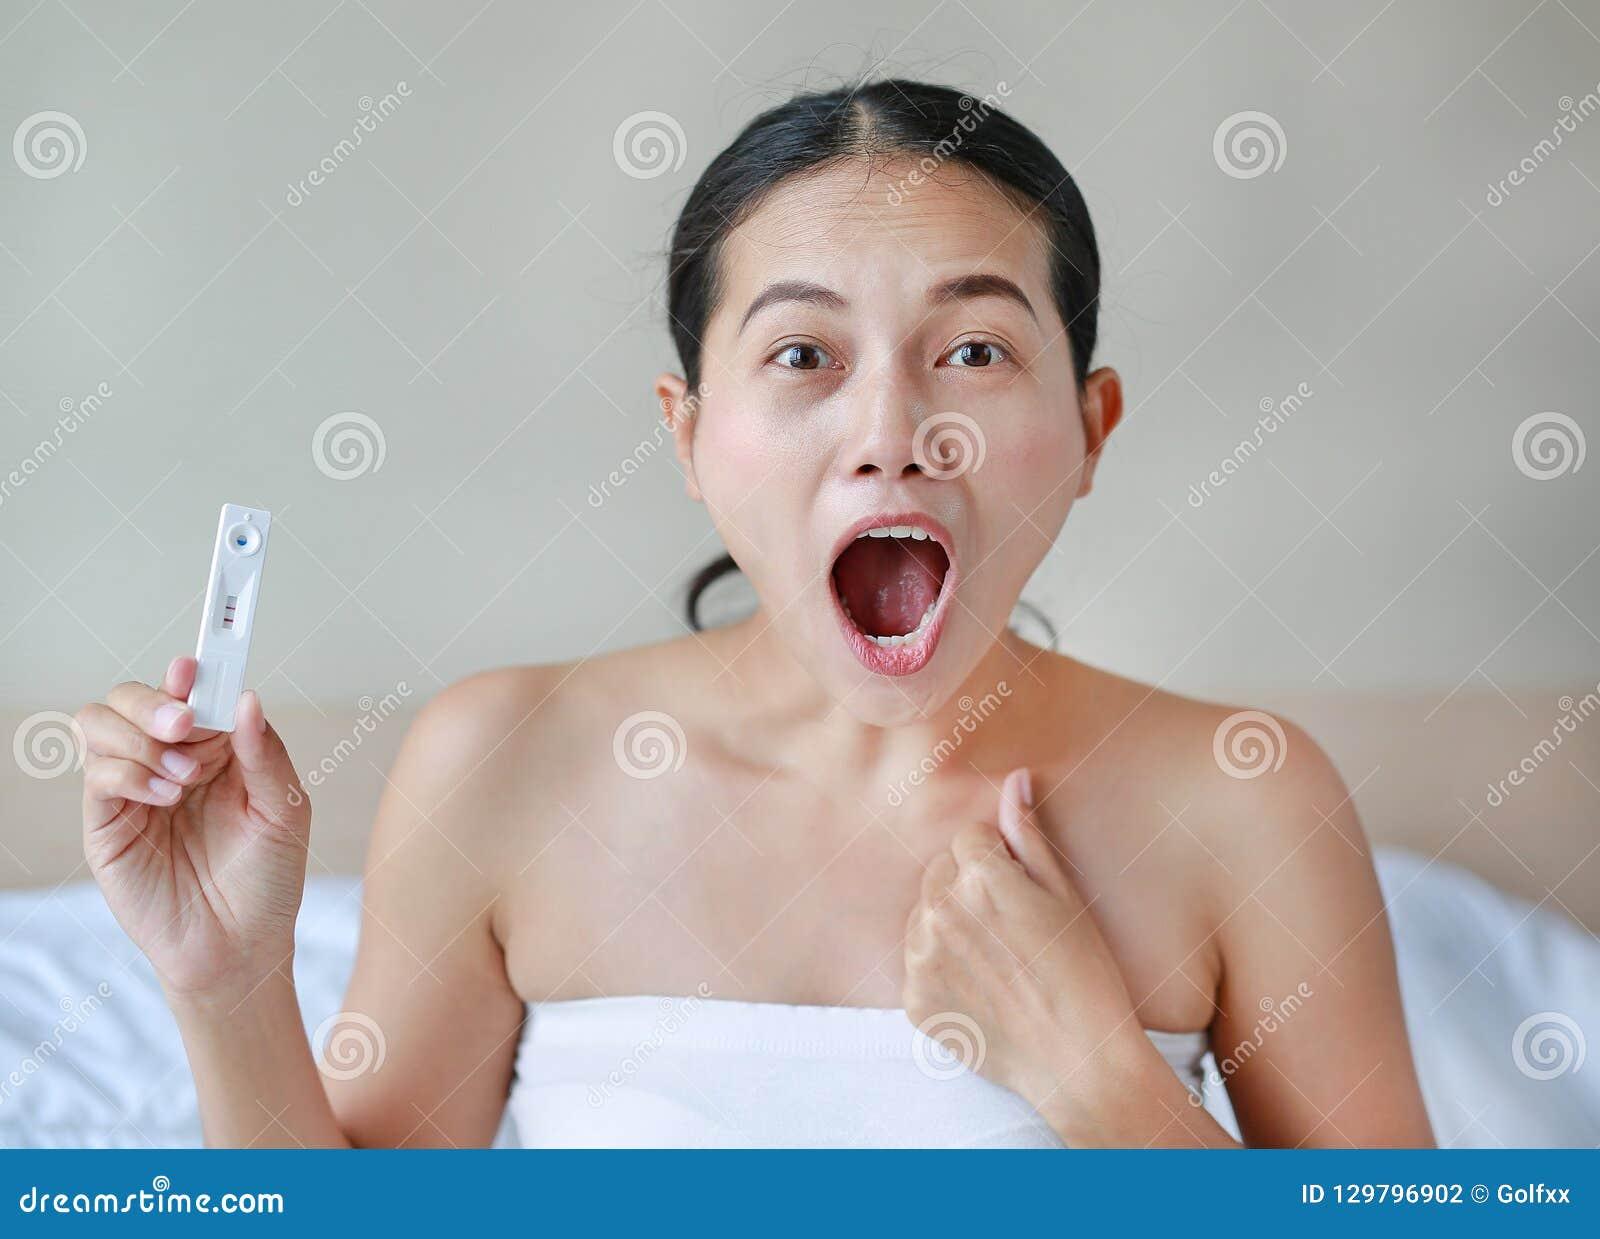 Συγκινημένη νέα γυναίκα που κρατά τη θετική δοκιμή εγκυμοσύνης